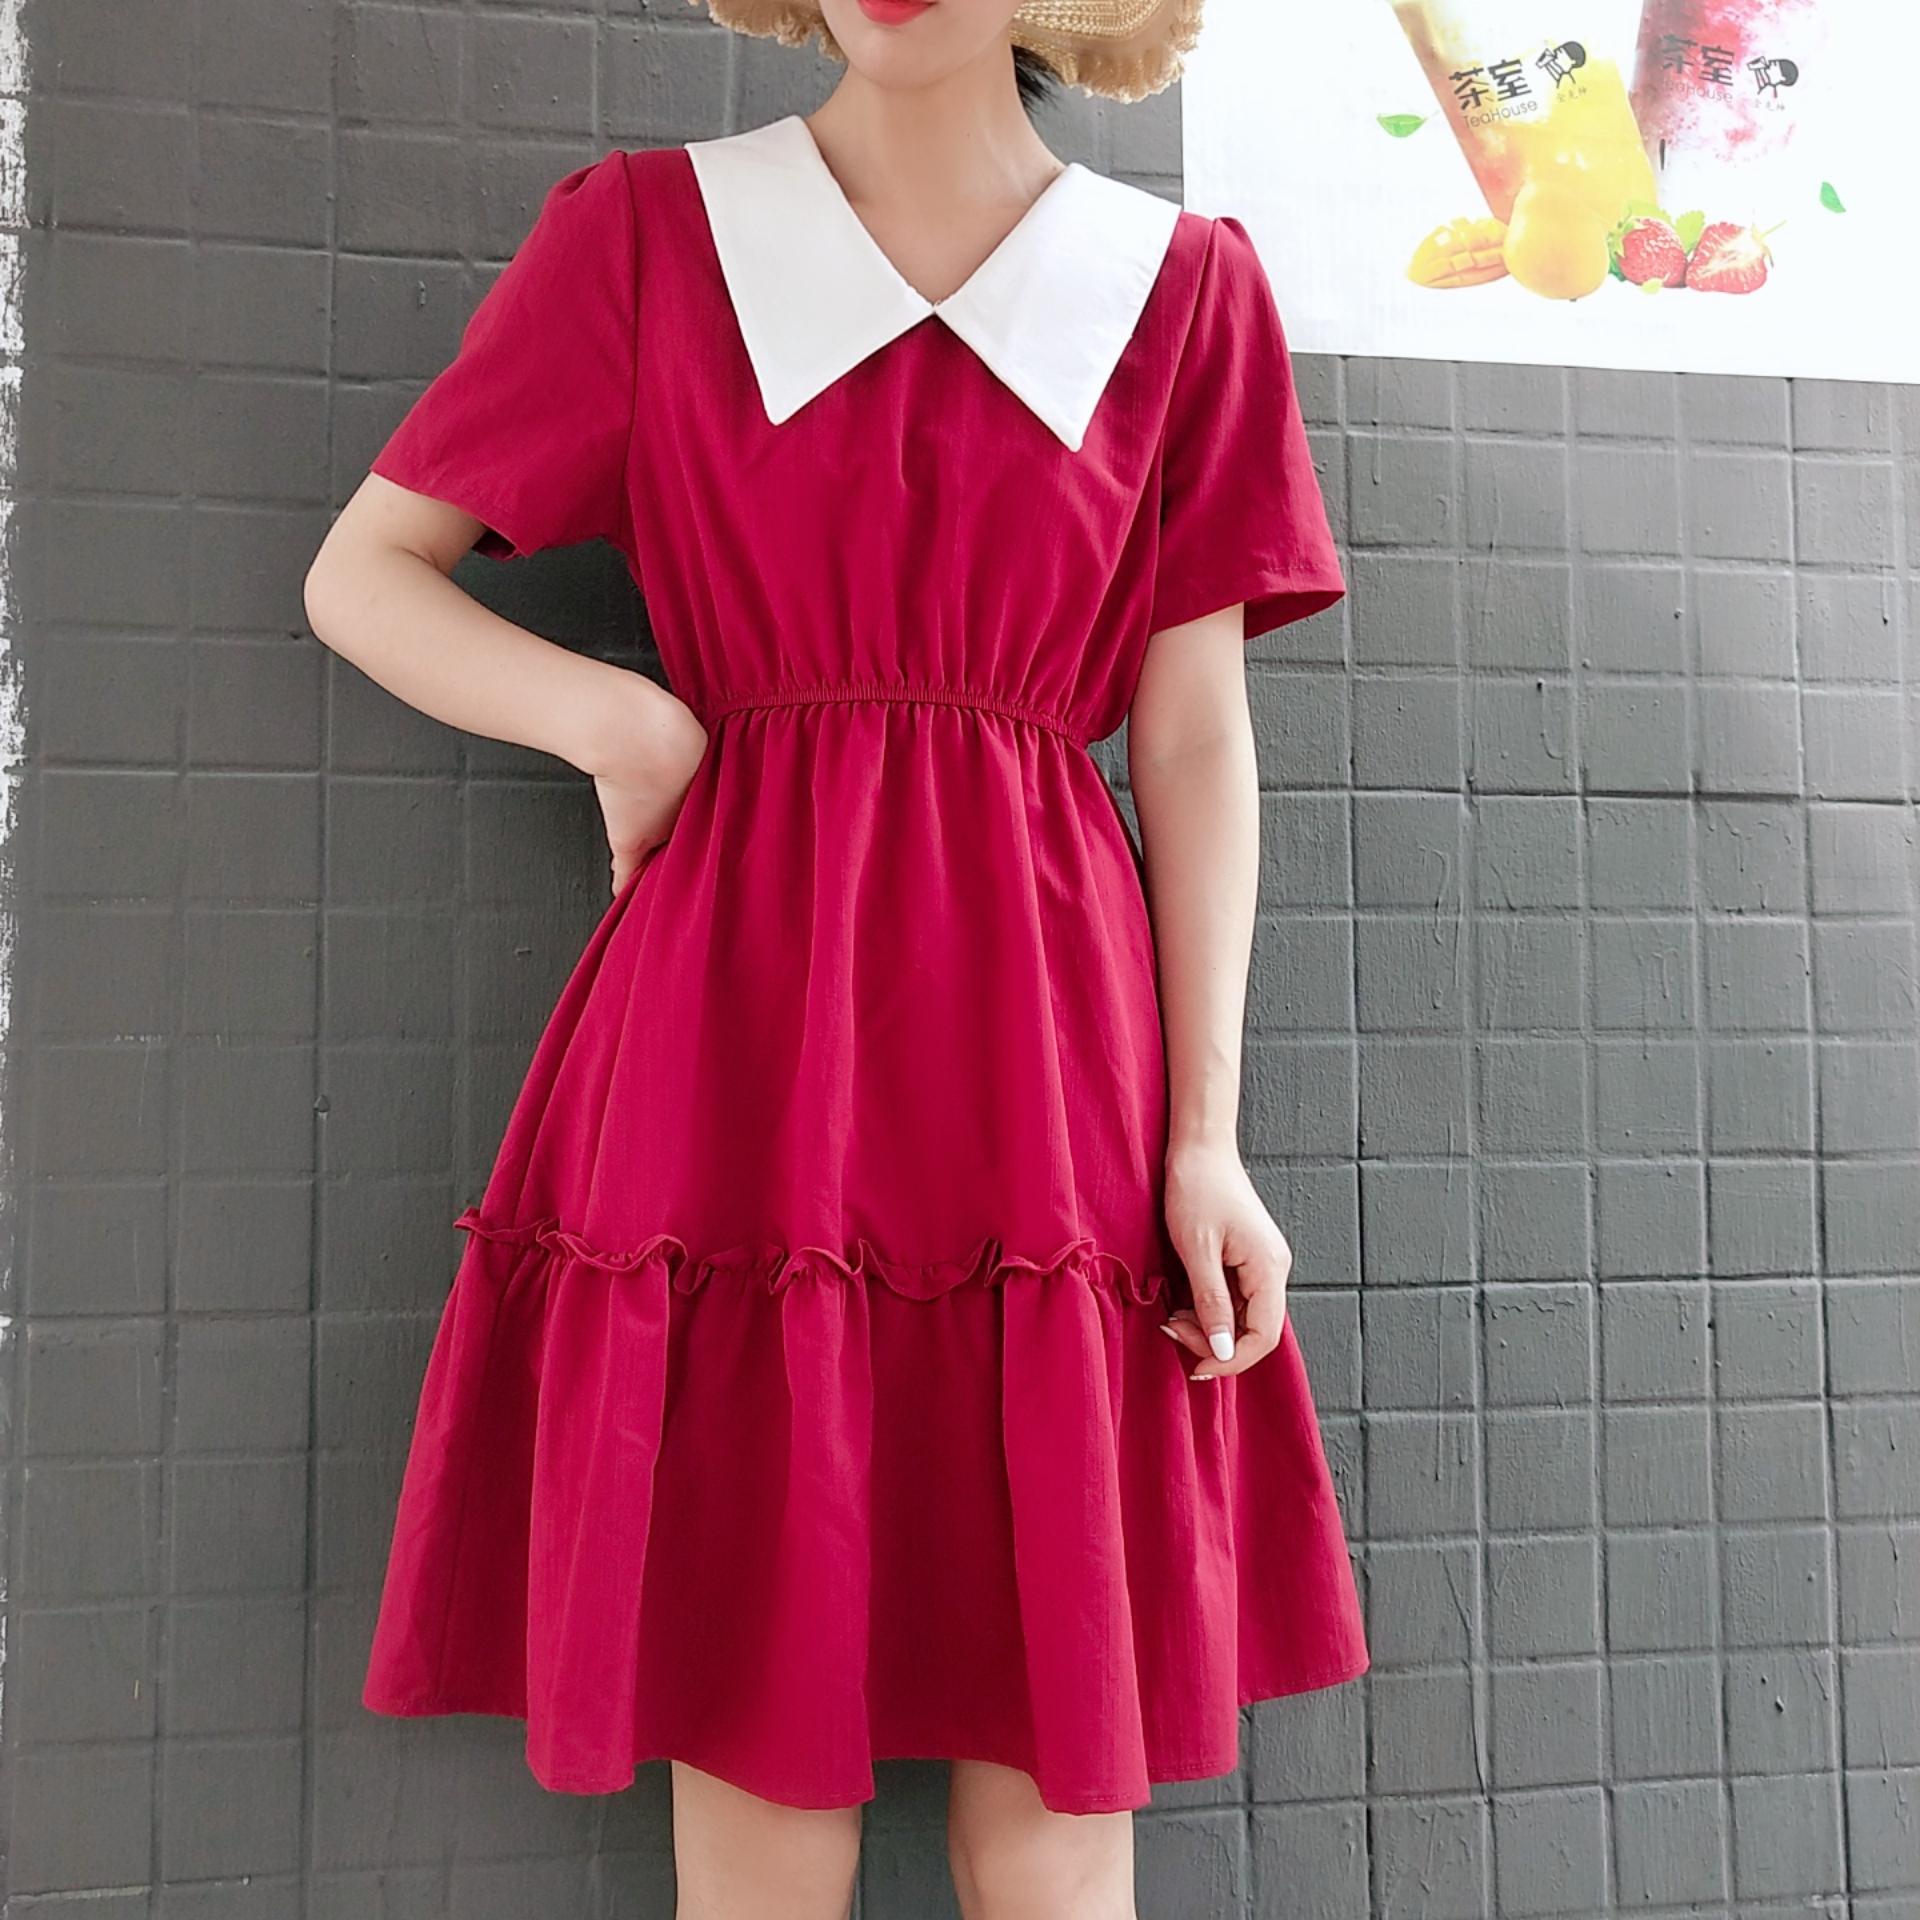 2019夏季新款韓版學院翻領兩面穿收腰顯瘦連衣裙赫本風閨蜜裝裙子